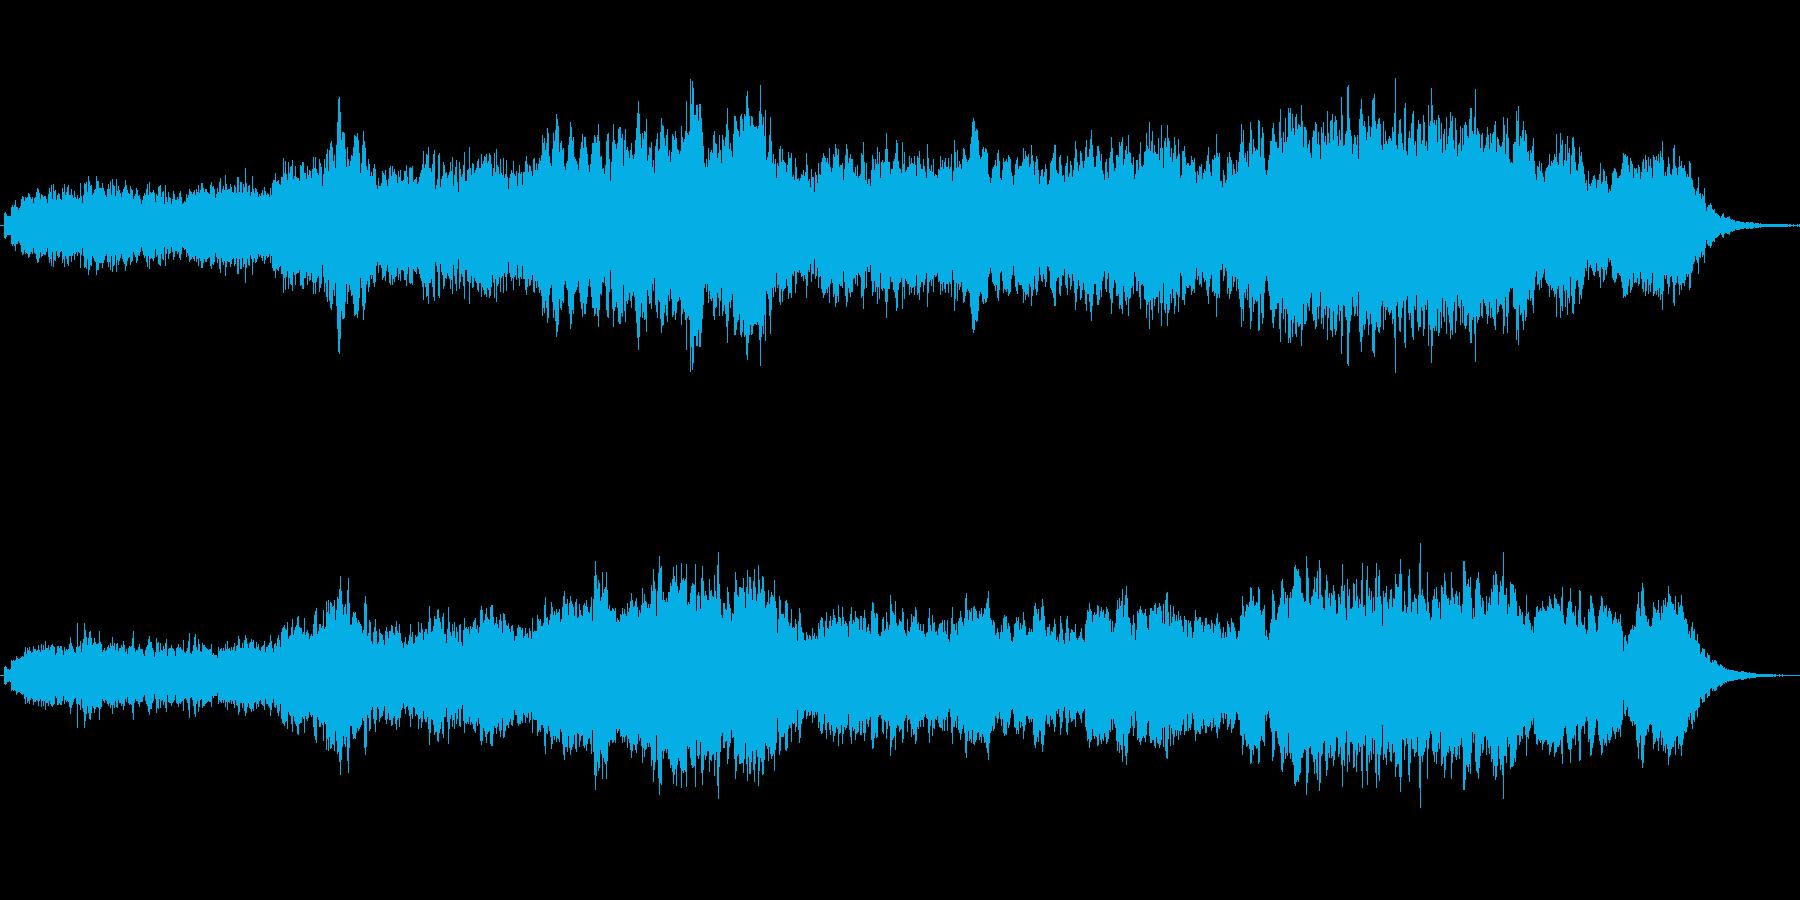 ニューエイジ風のキラキラしたジングルの再生済みの波形